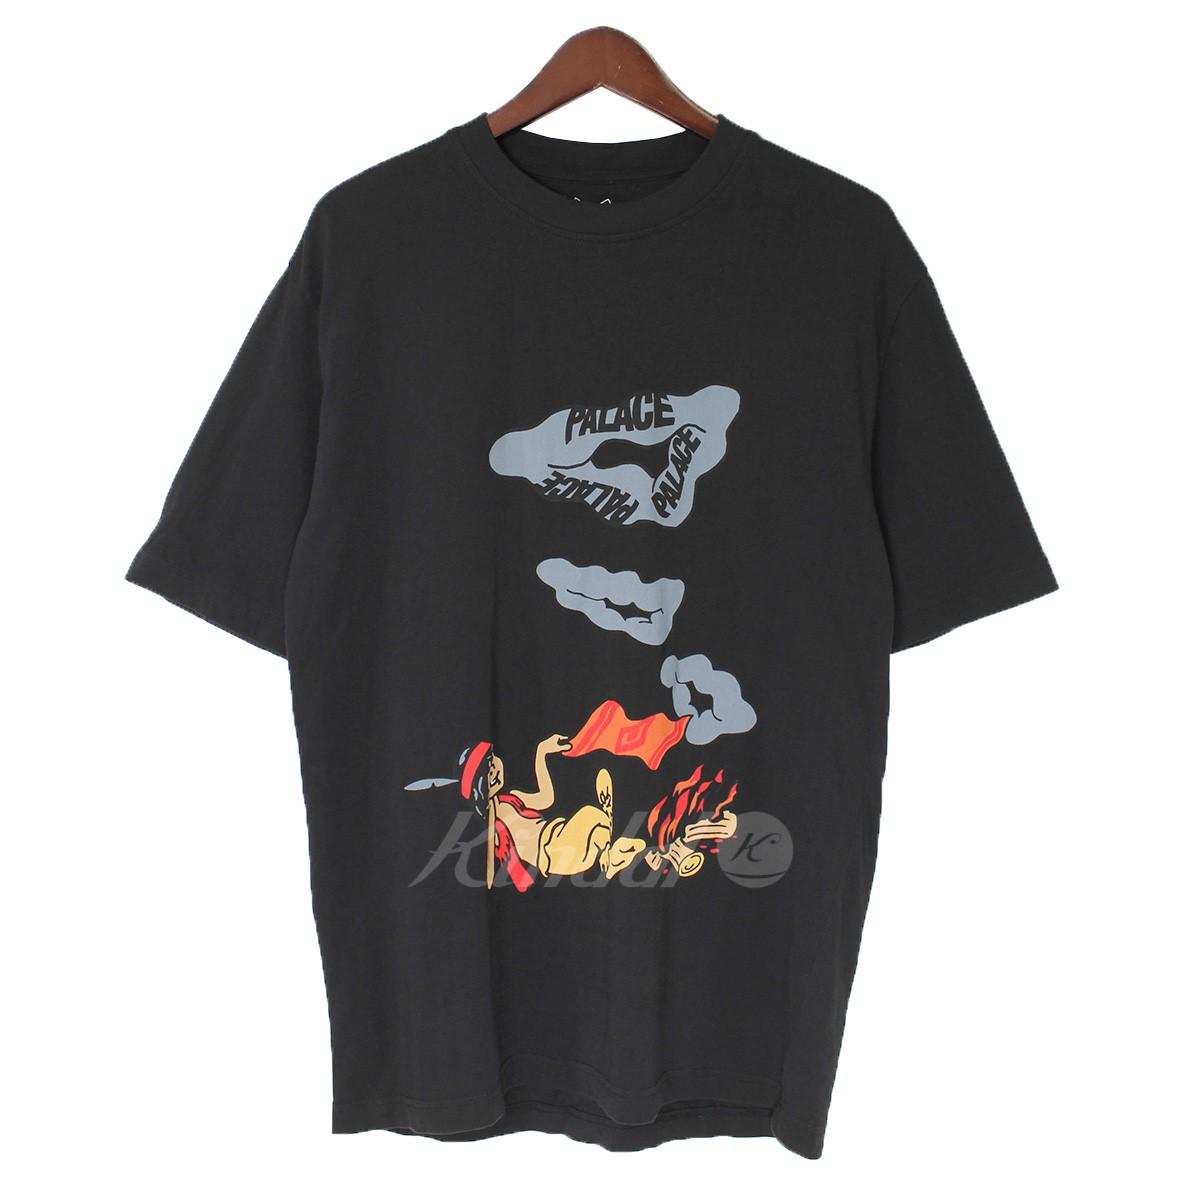 【中古】PALACE SMOKE SIG T-SHIRT 煙トライアングルロゴTシャツ ブラック サイズ:S 【送料無料】 【100718】(パレス)